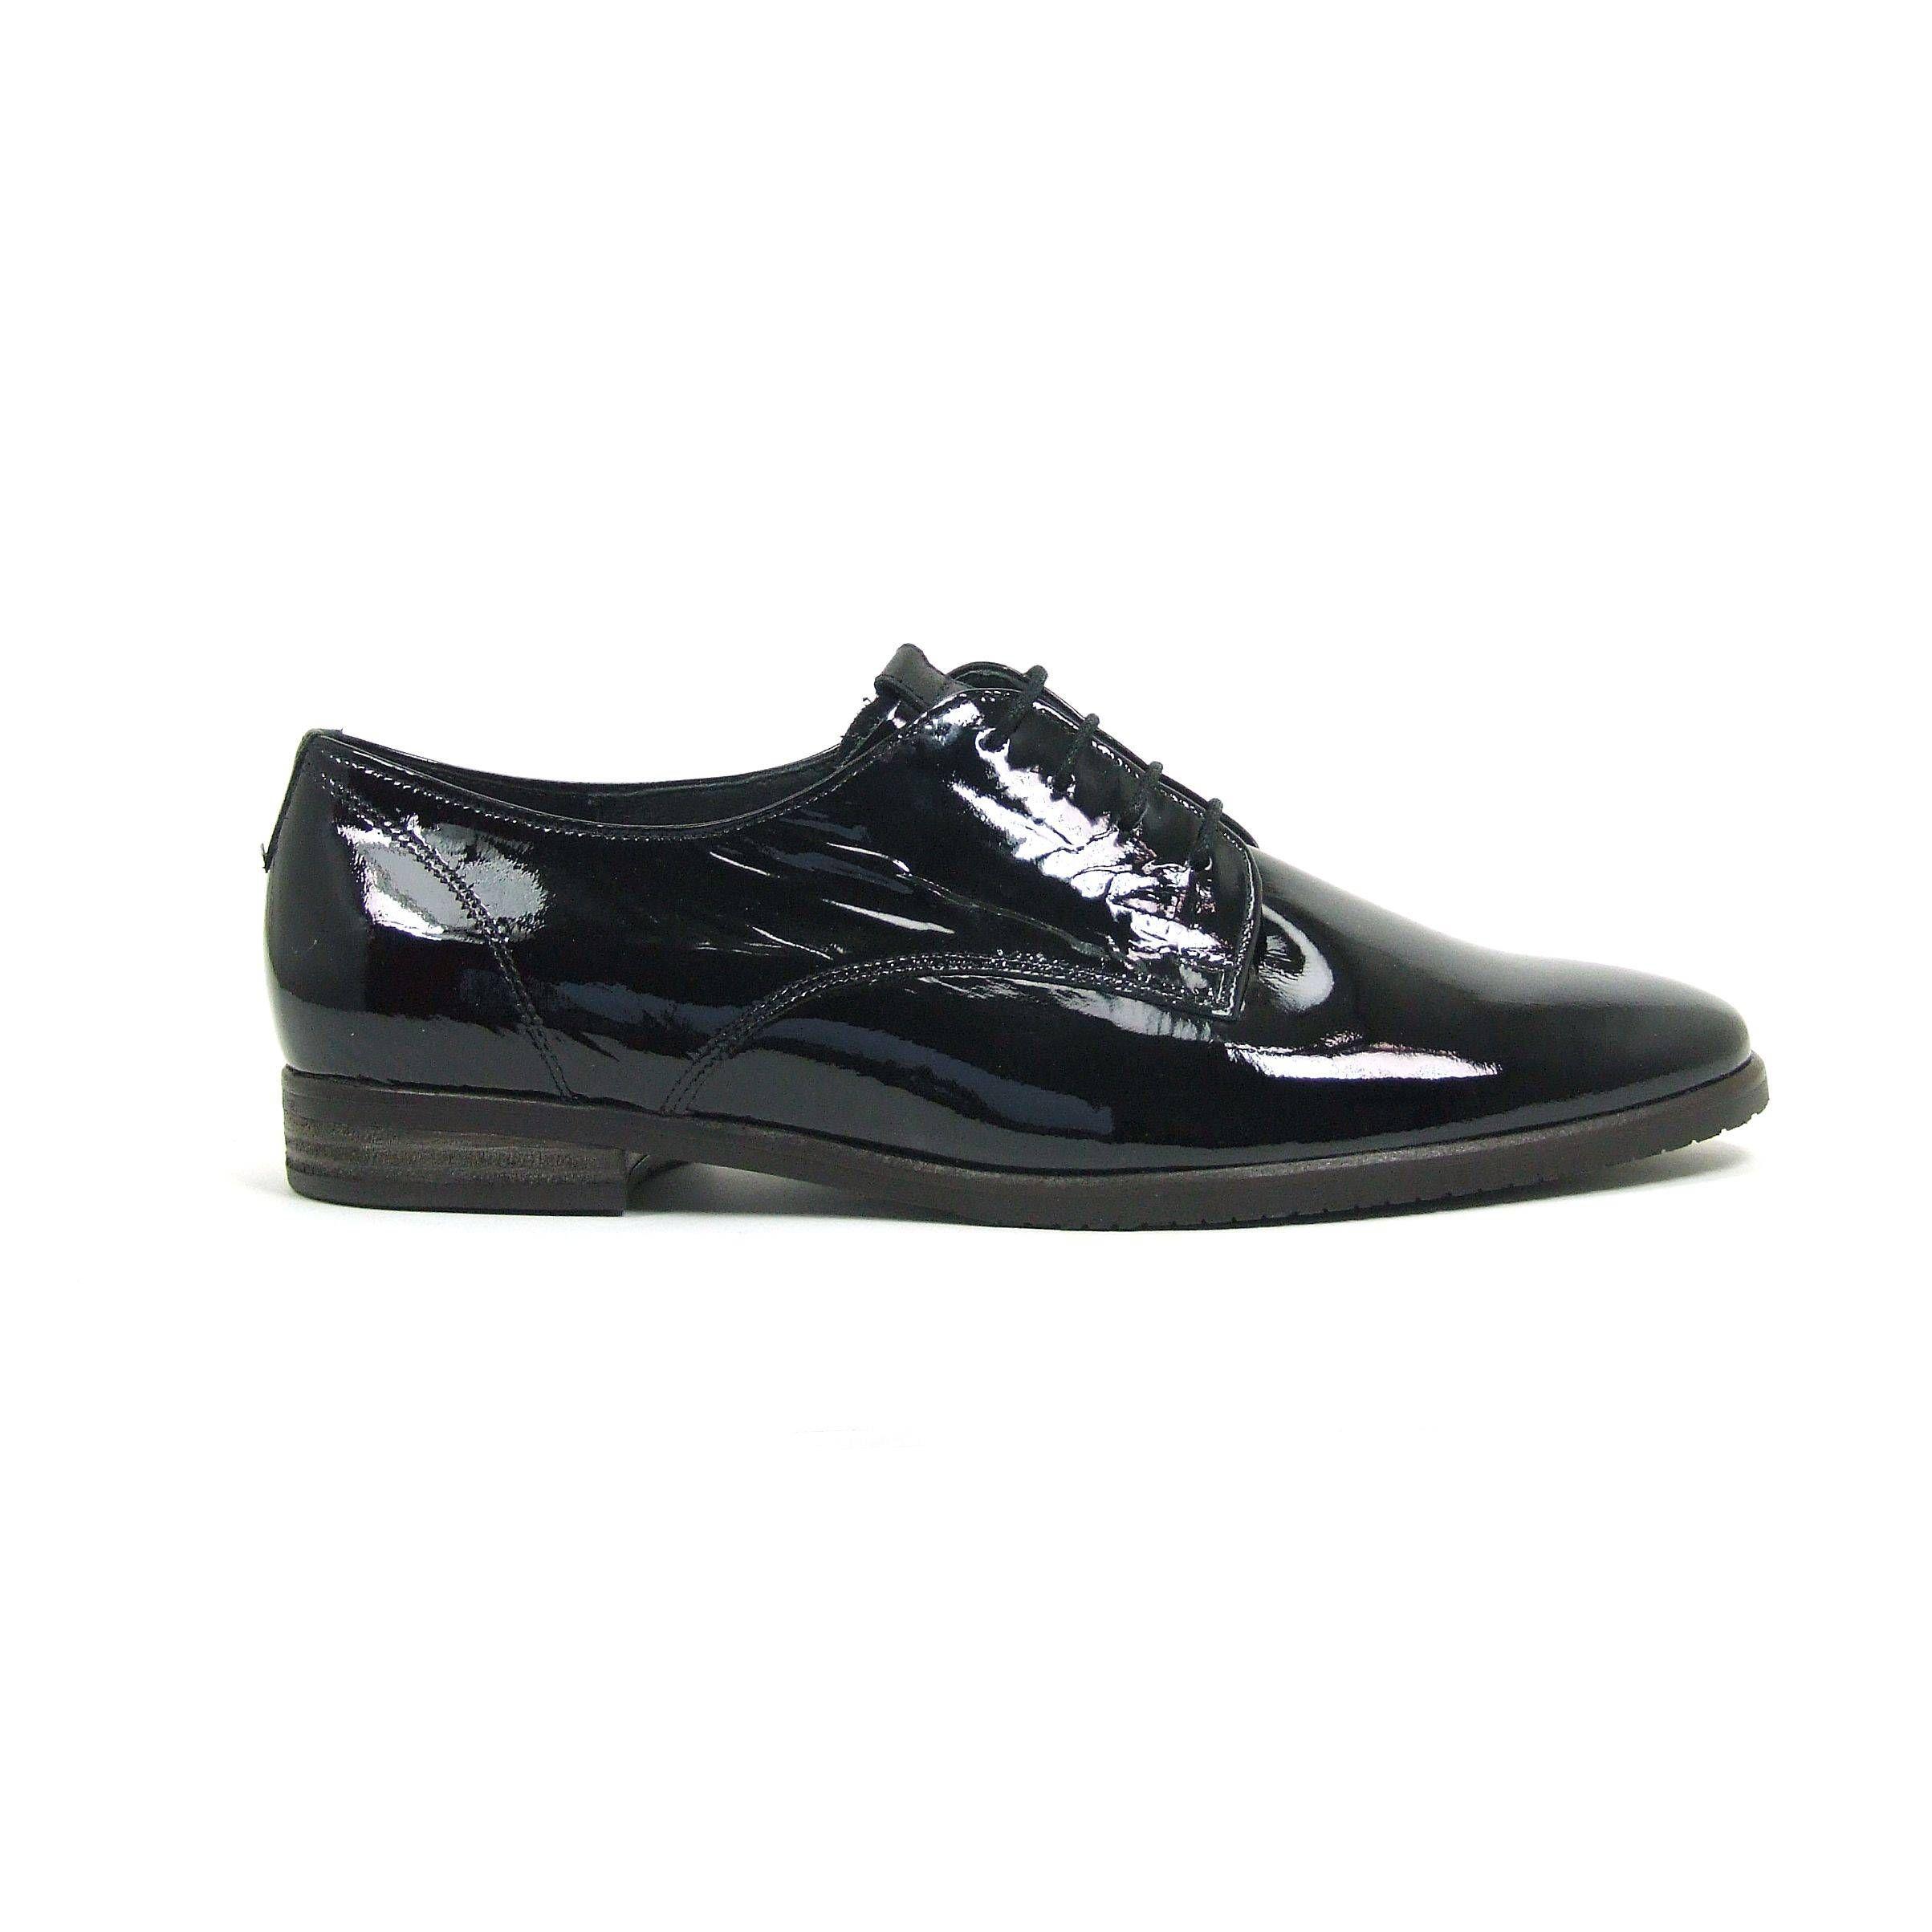 Platte veterschoenen van gabor model deze dames schoenen zijn helemaal van leer en - Meubilair zwarte keuken lak ...